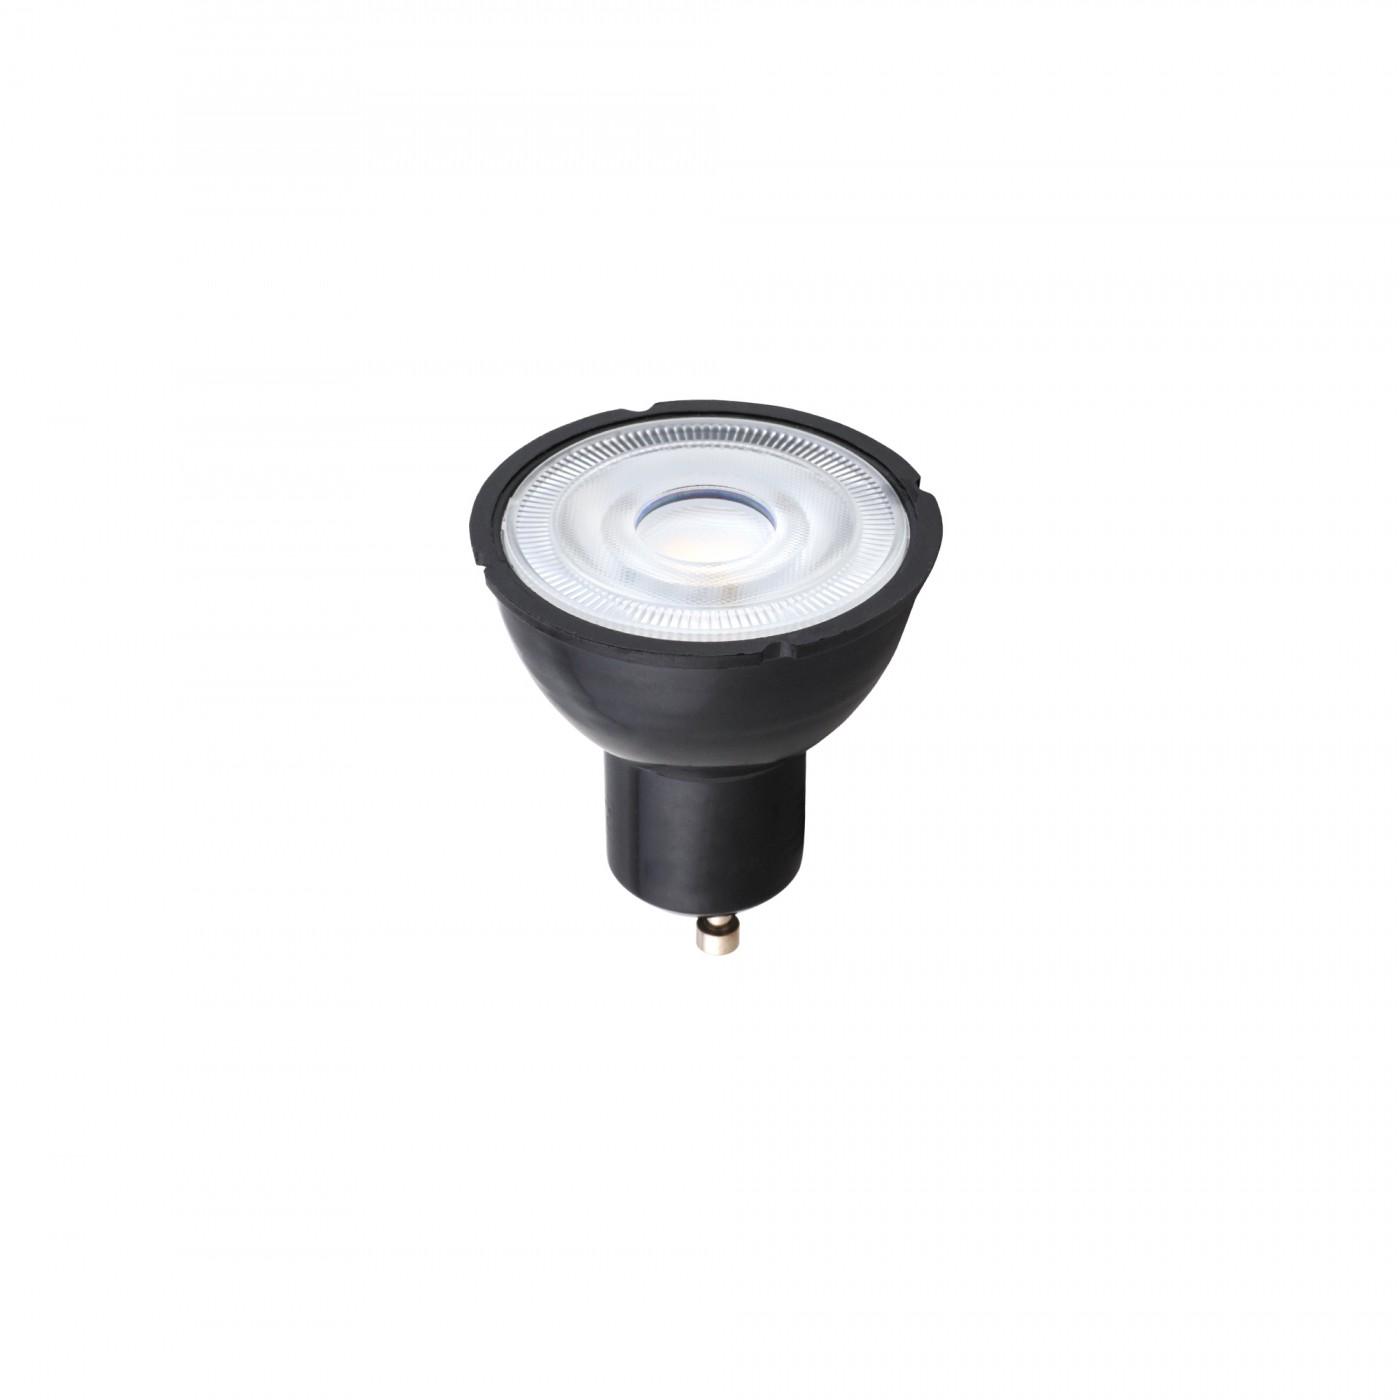 LED GU10 R50 7W  3000K 8348 Nowodvorski Lighting